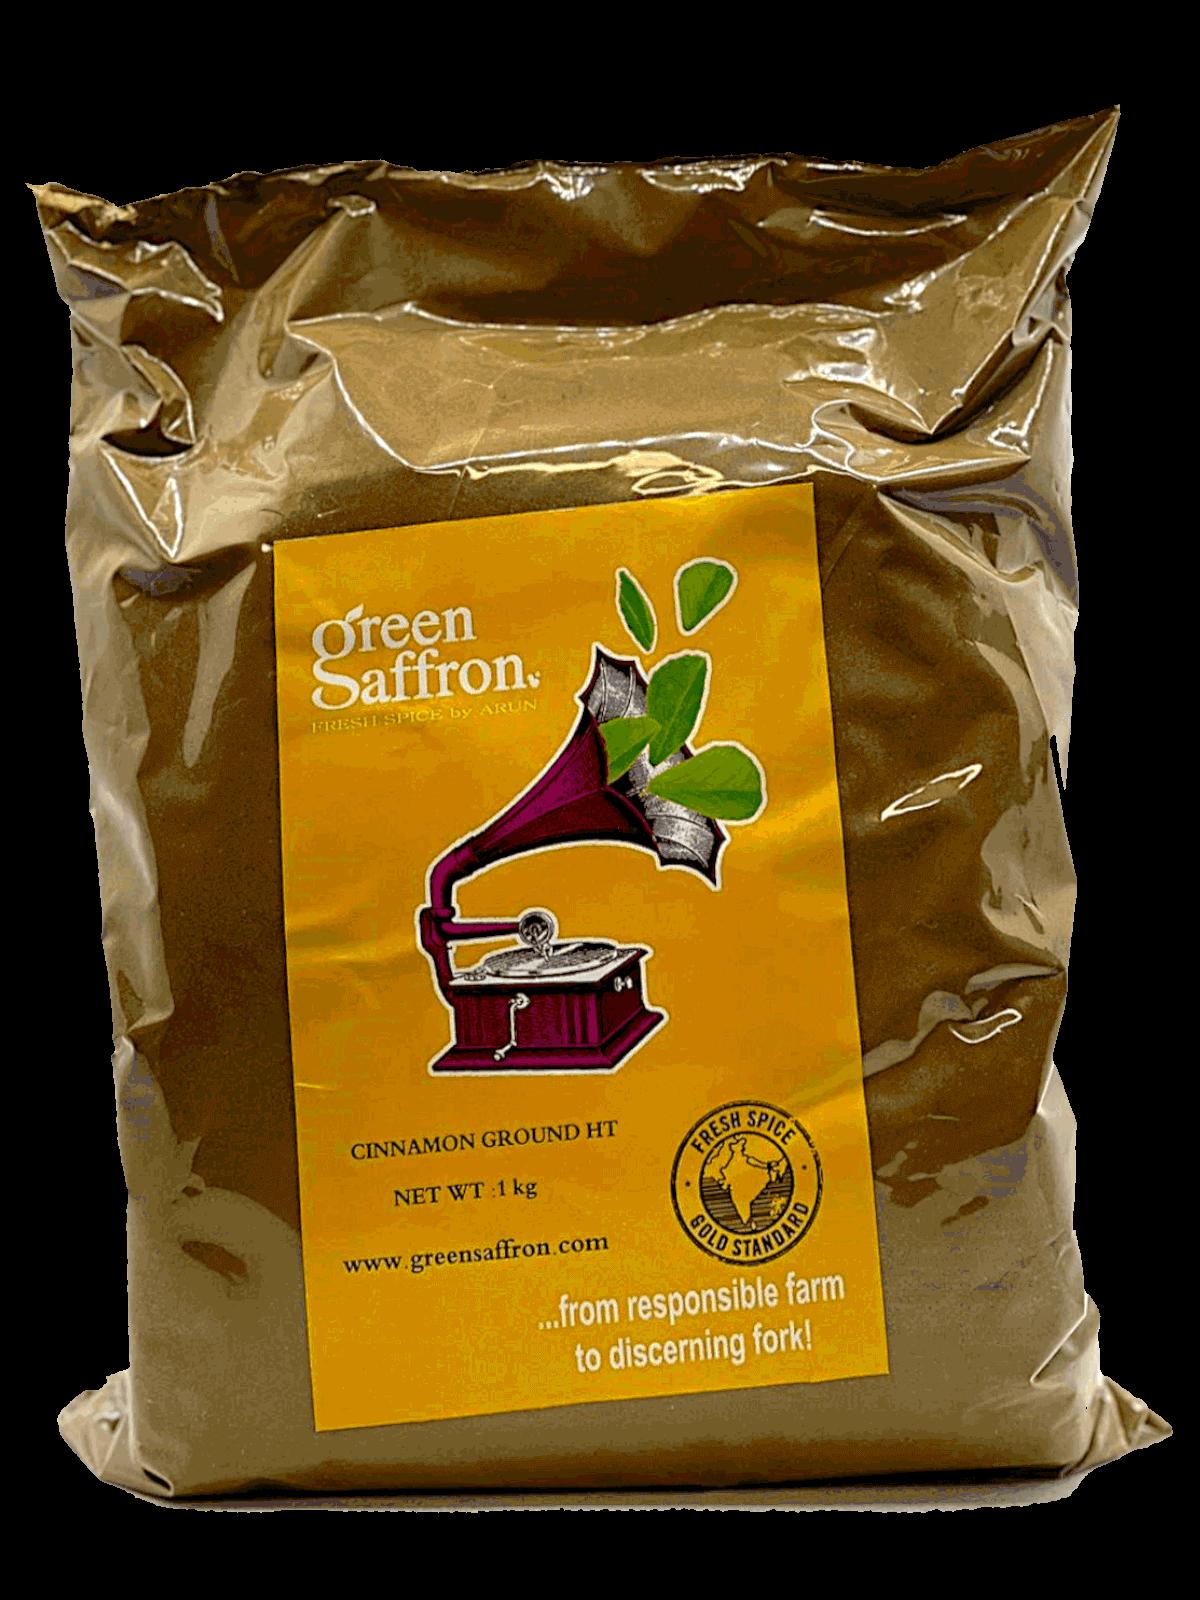 Green Saffron branded ground cinnamon